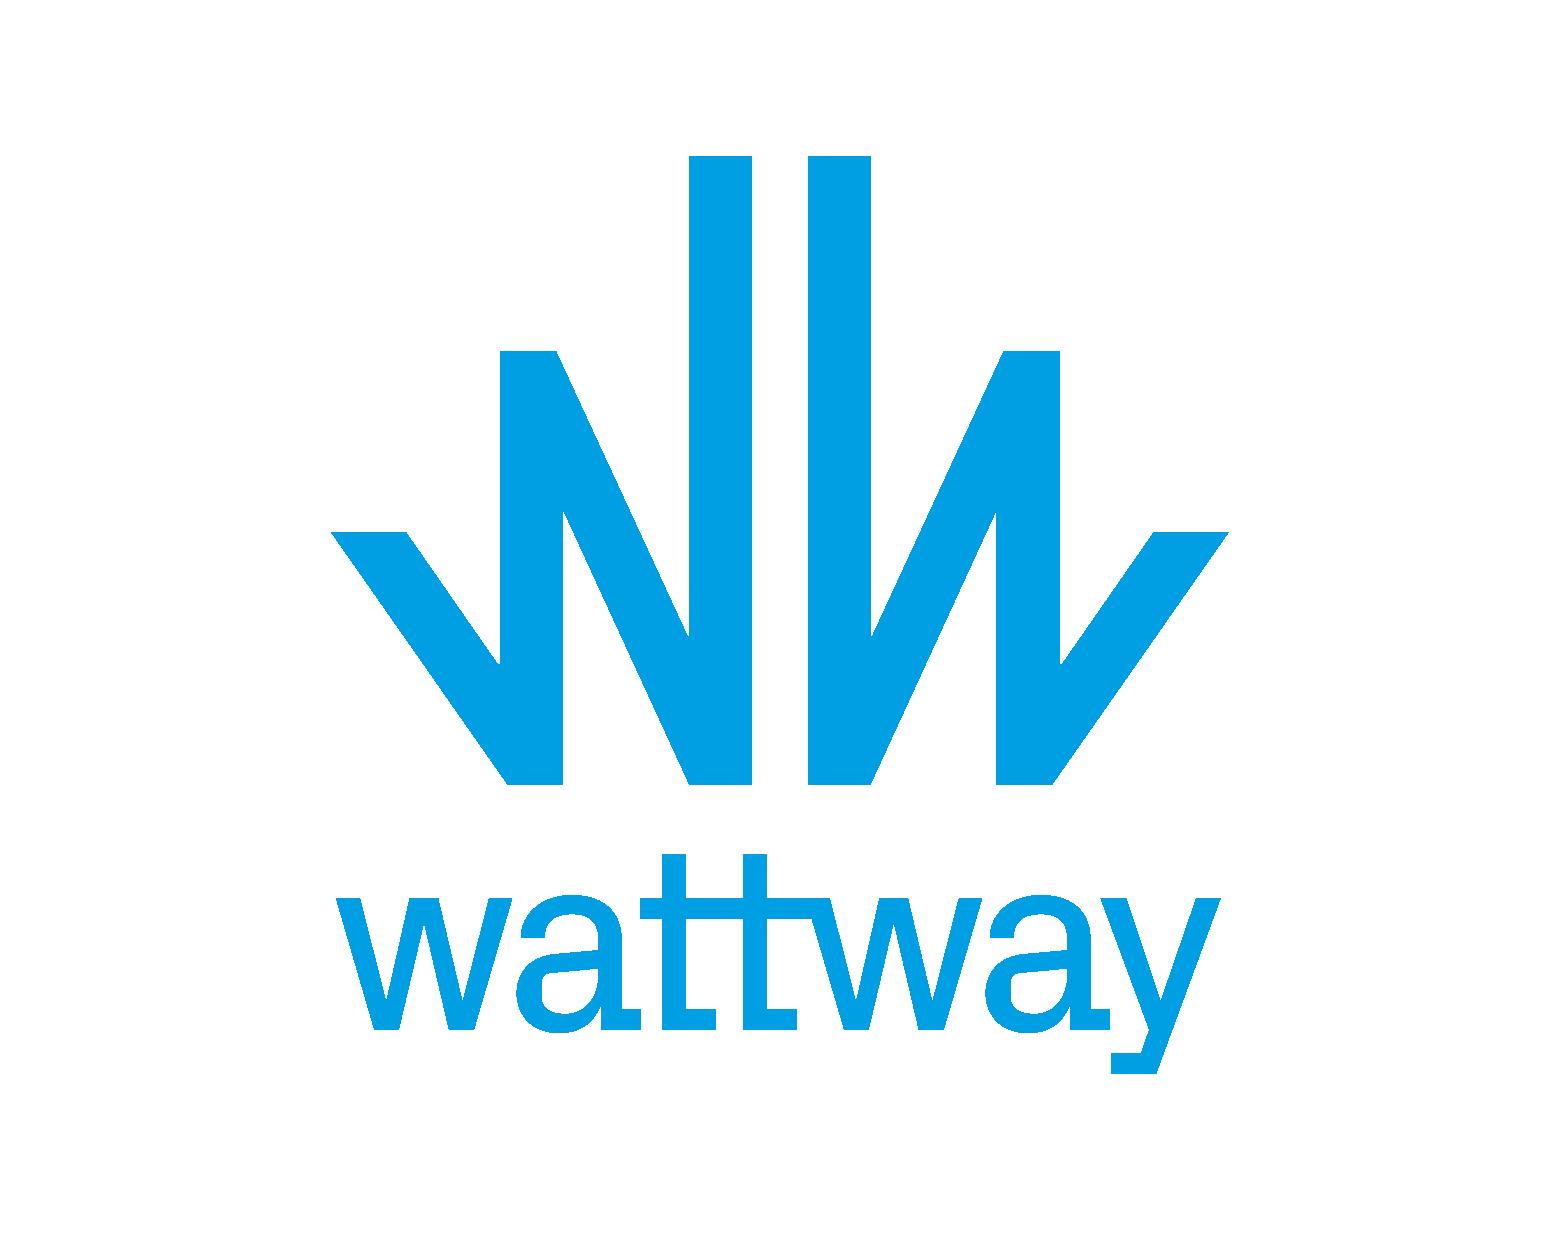 WATTWAY (COLAS)